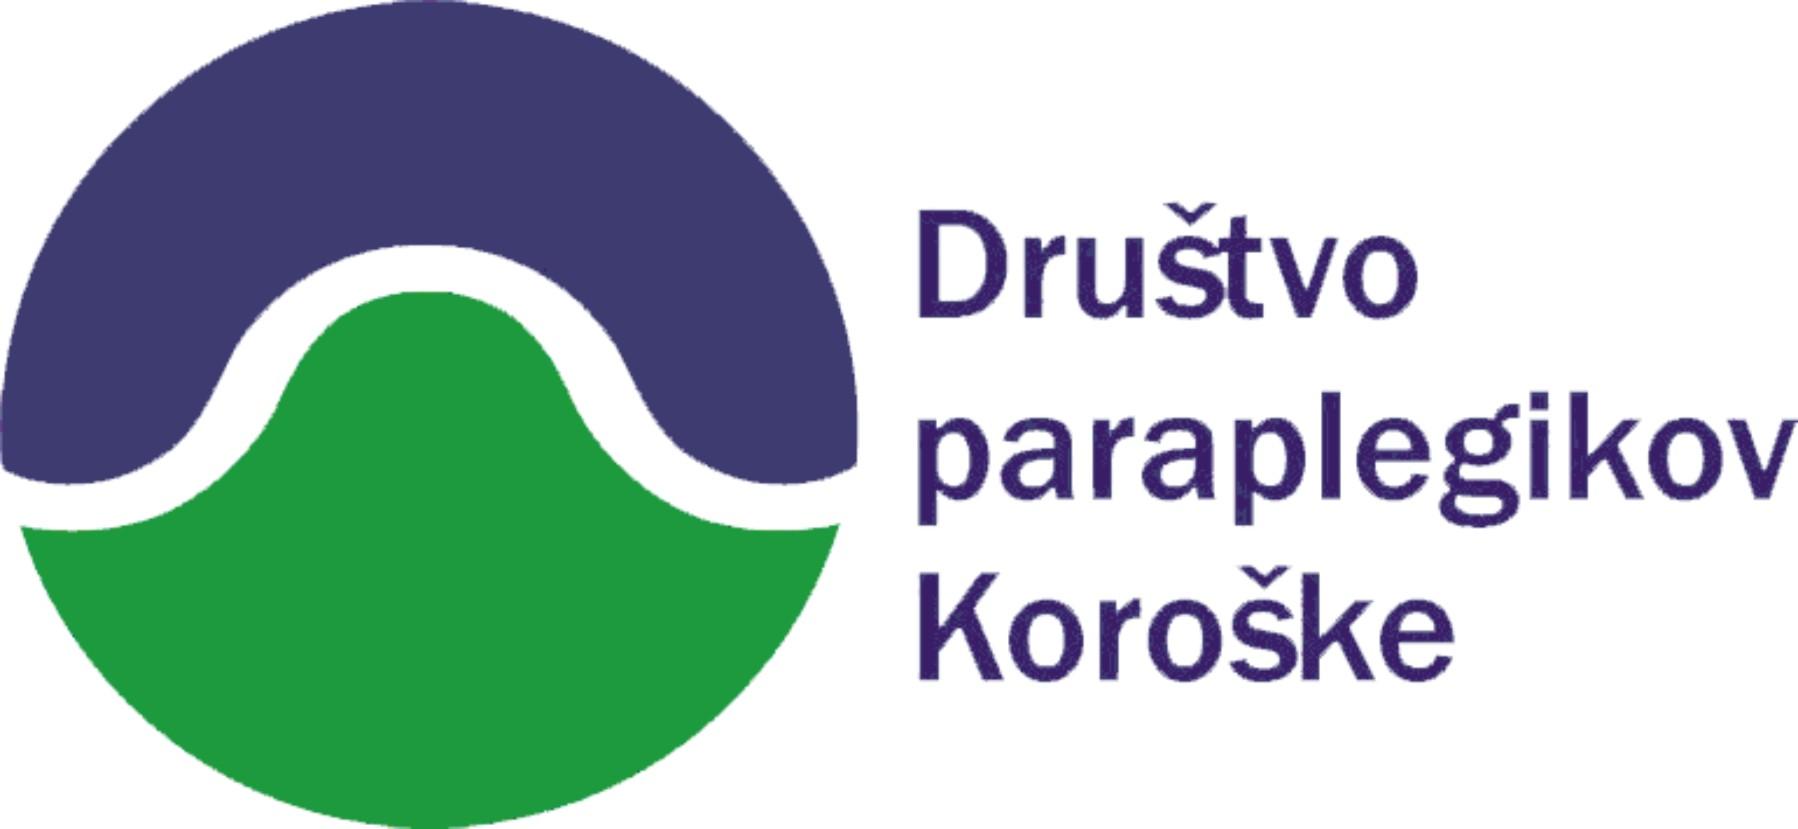 pin_opp_pzs_drustvo_paraplegikov_koroske_2019